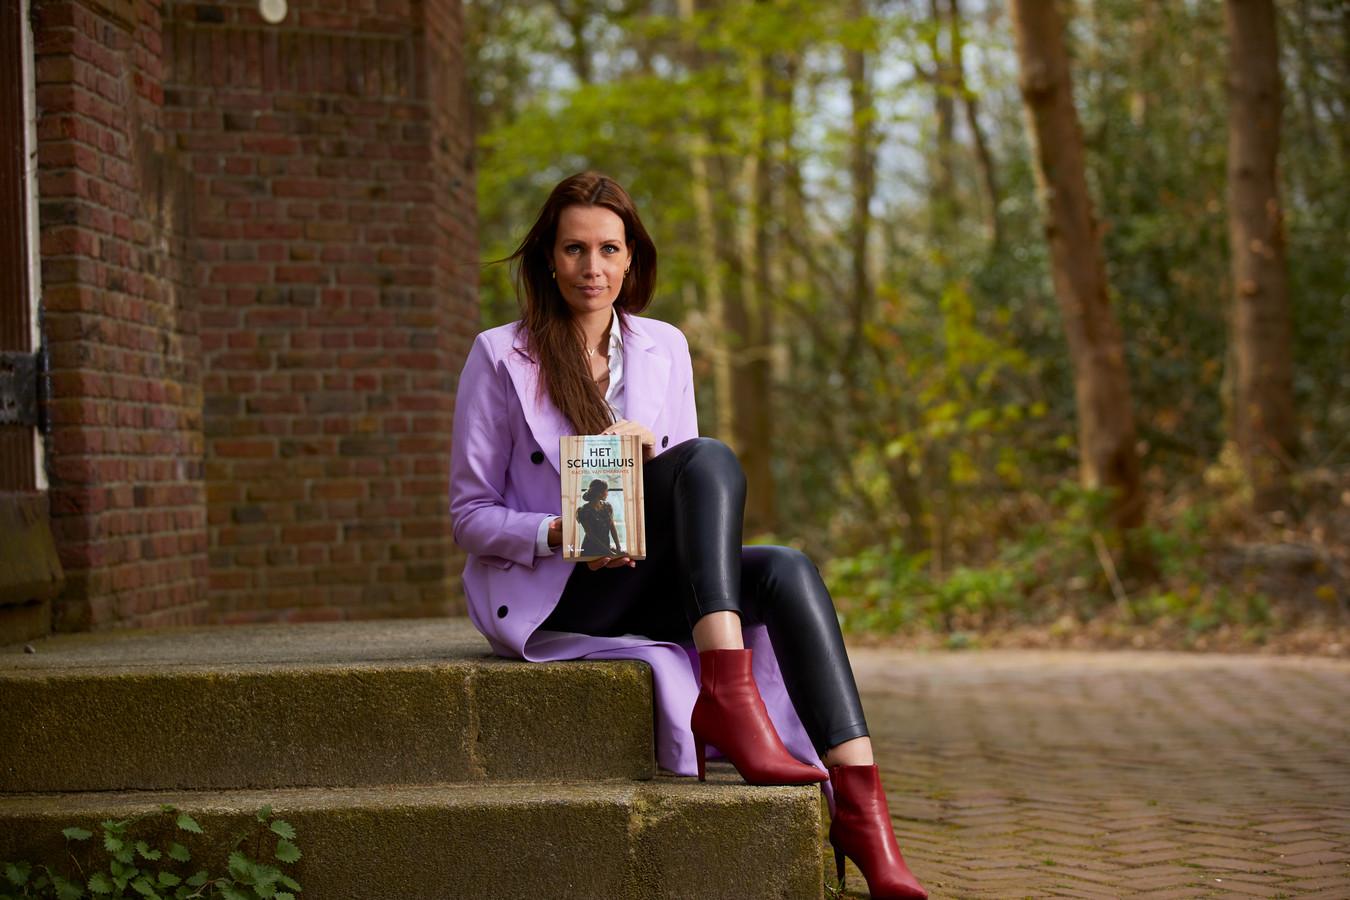 Rachel van Charante met haar debuutroman Het Schuilhuis. ,,In eerste instantie speelde het verhaal zich af in een fictief stadje. Maar als ik dan weer eens door Lochem wandelde, zag ik plekken en gebouwen waarvan ik dacht: die zouden prima in mijn verhaal passen. Uiteindelijk besloot ik Lochem als decor te nemen.''